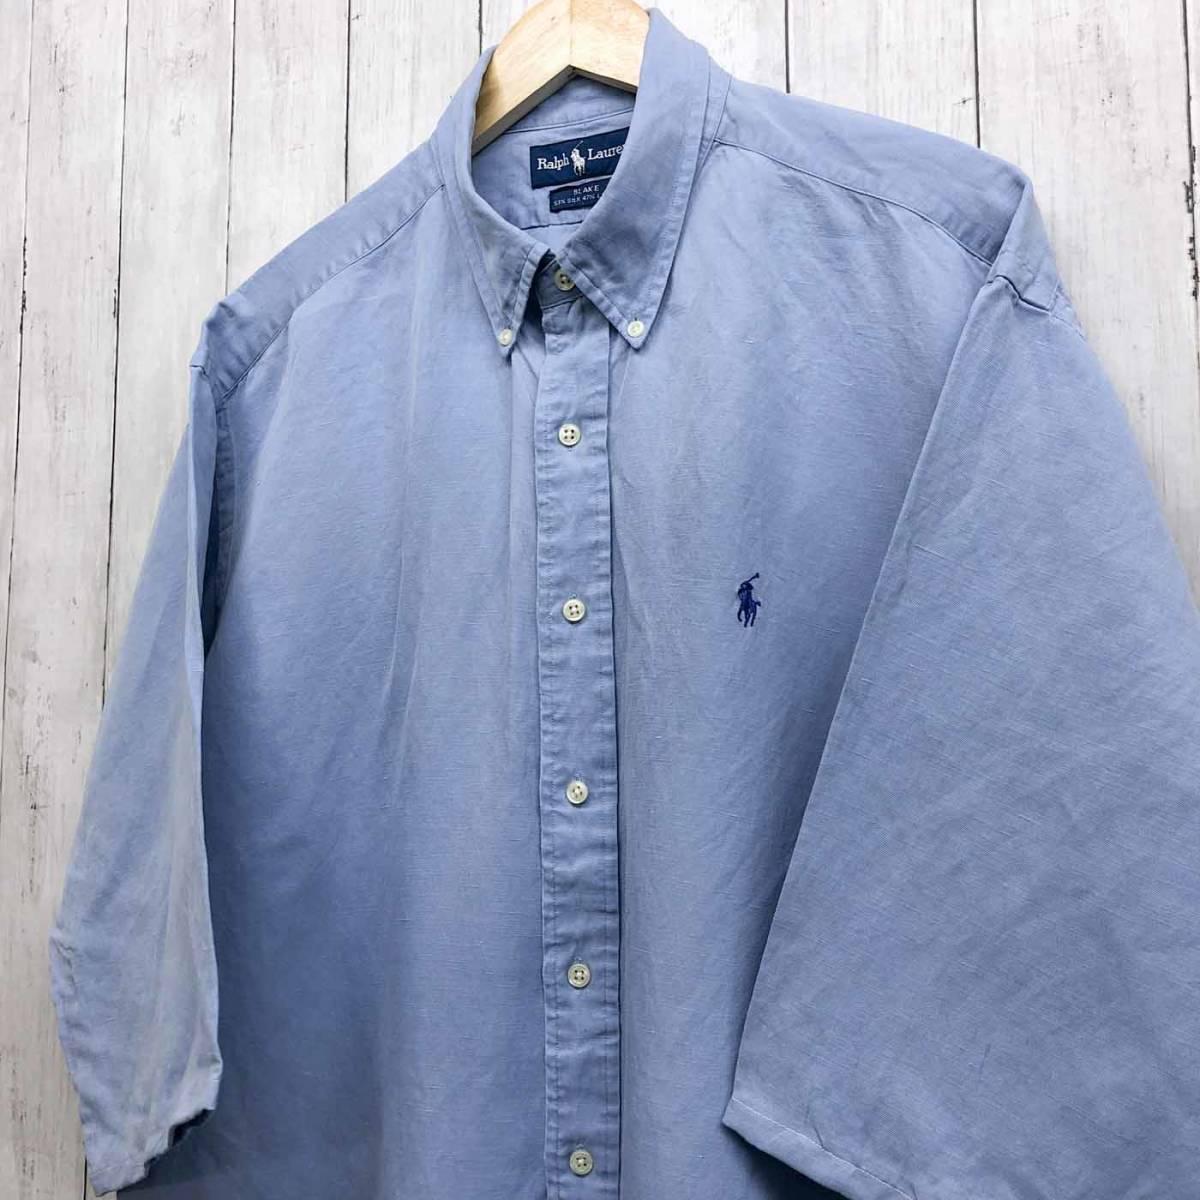 ラルフローレン POLO Ralph Lauren Polo 半袖シャツ 五分丈 メンズ ワンポイント XLサイズ 7-198_画像2